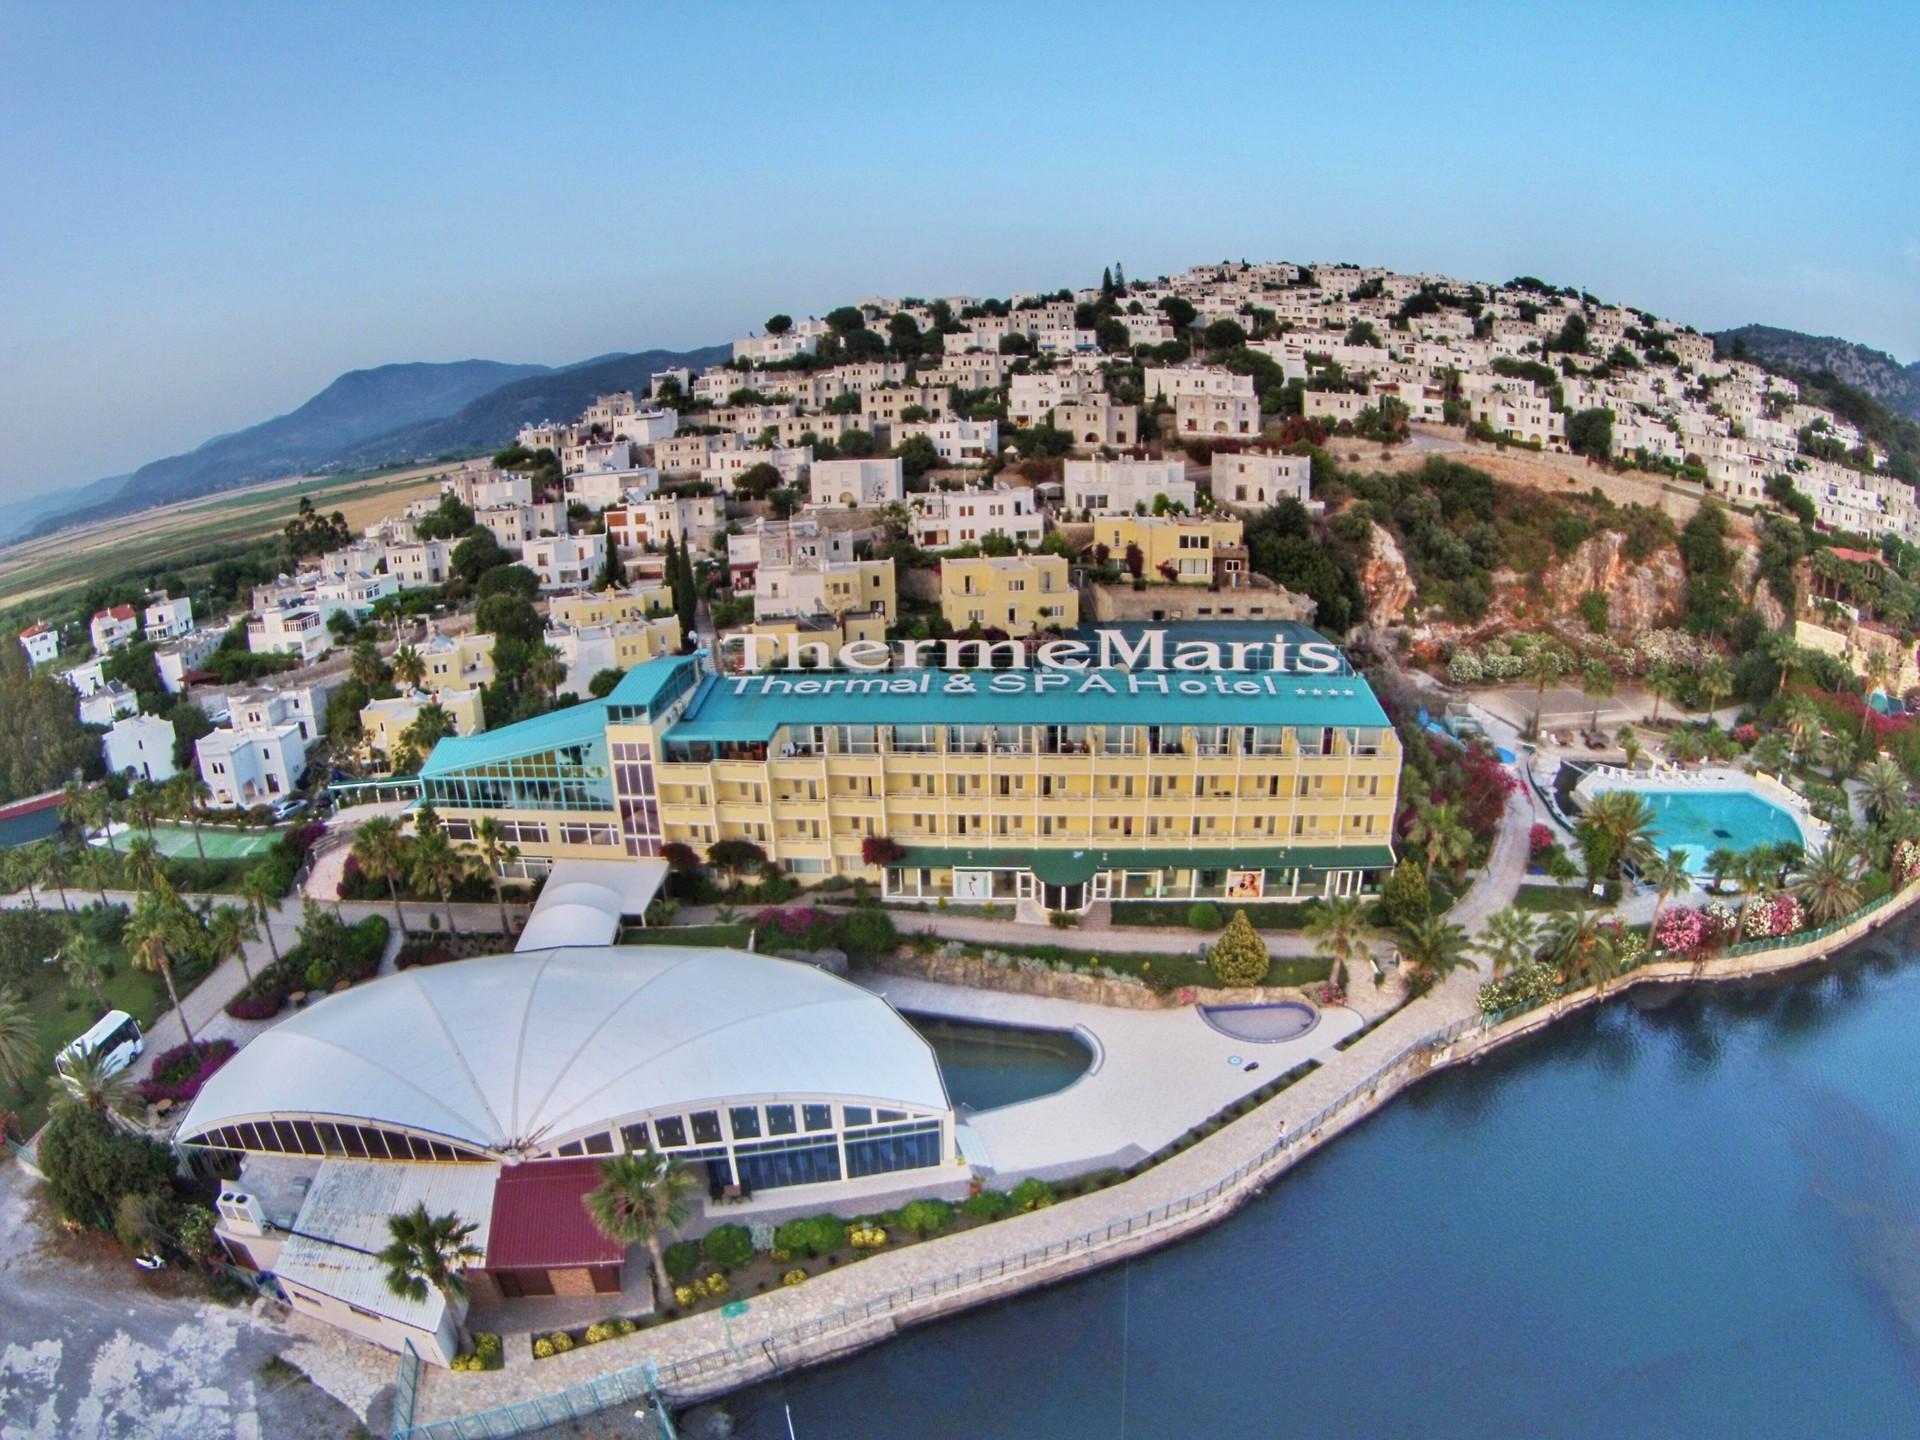 Therme Maris Thermal & Spa Resort Hotel